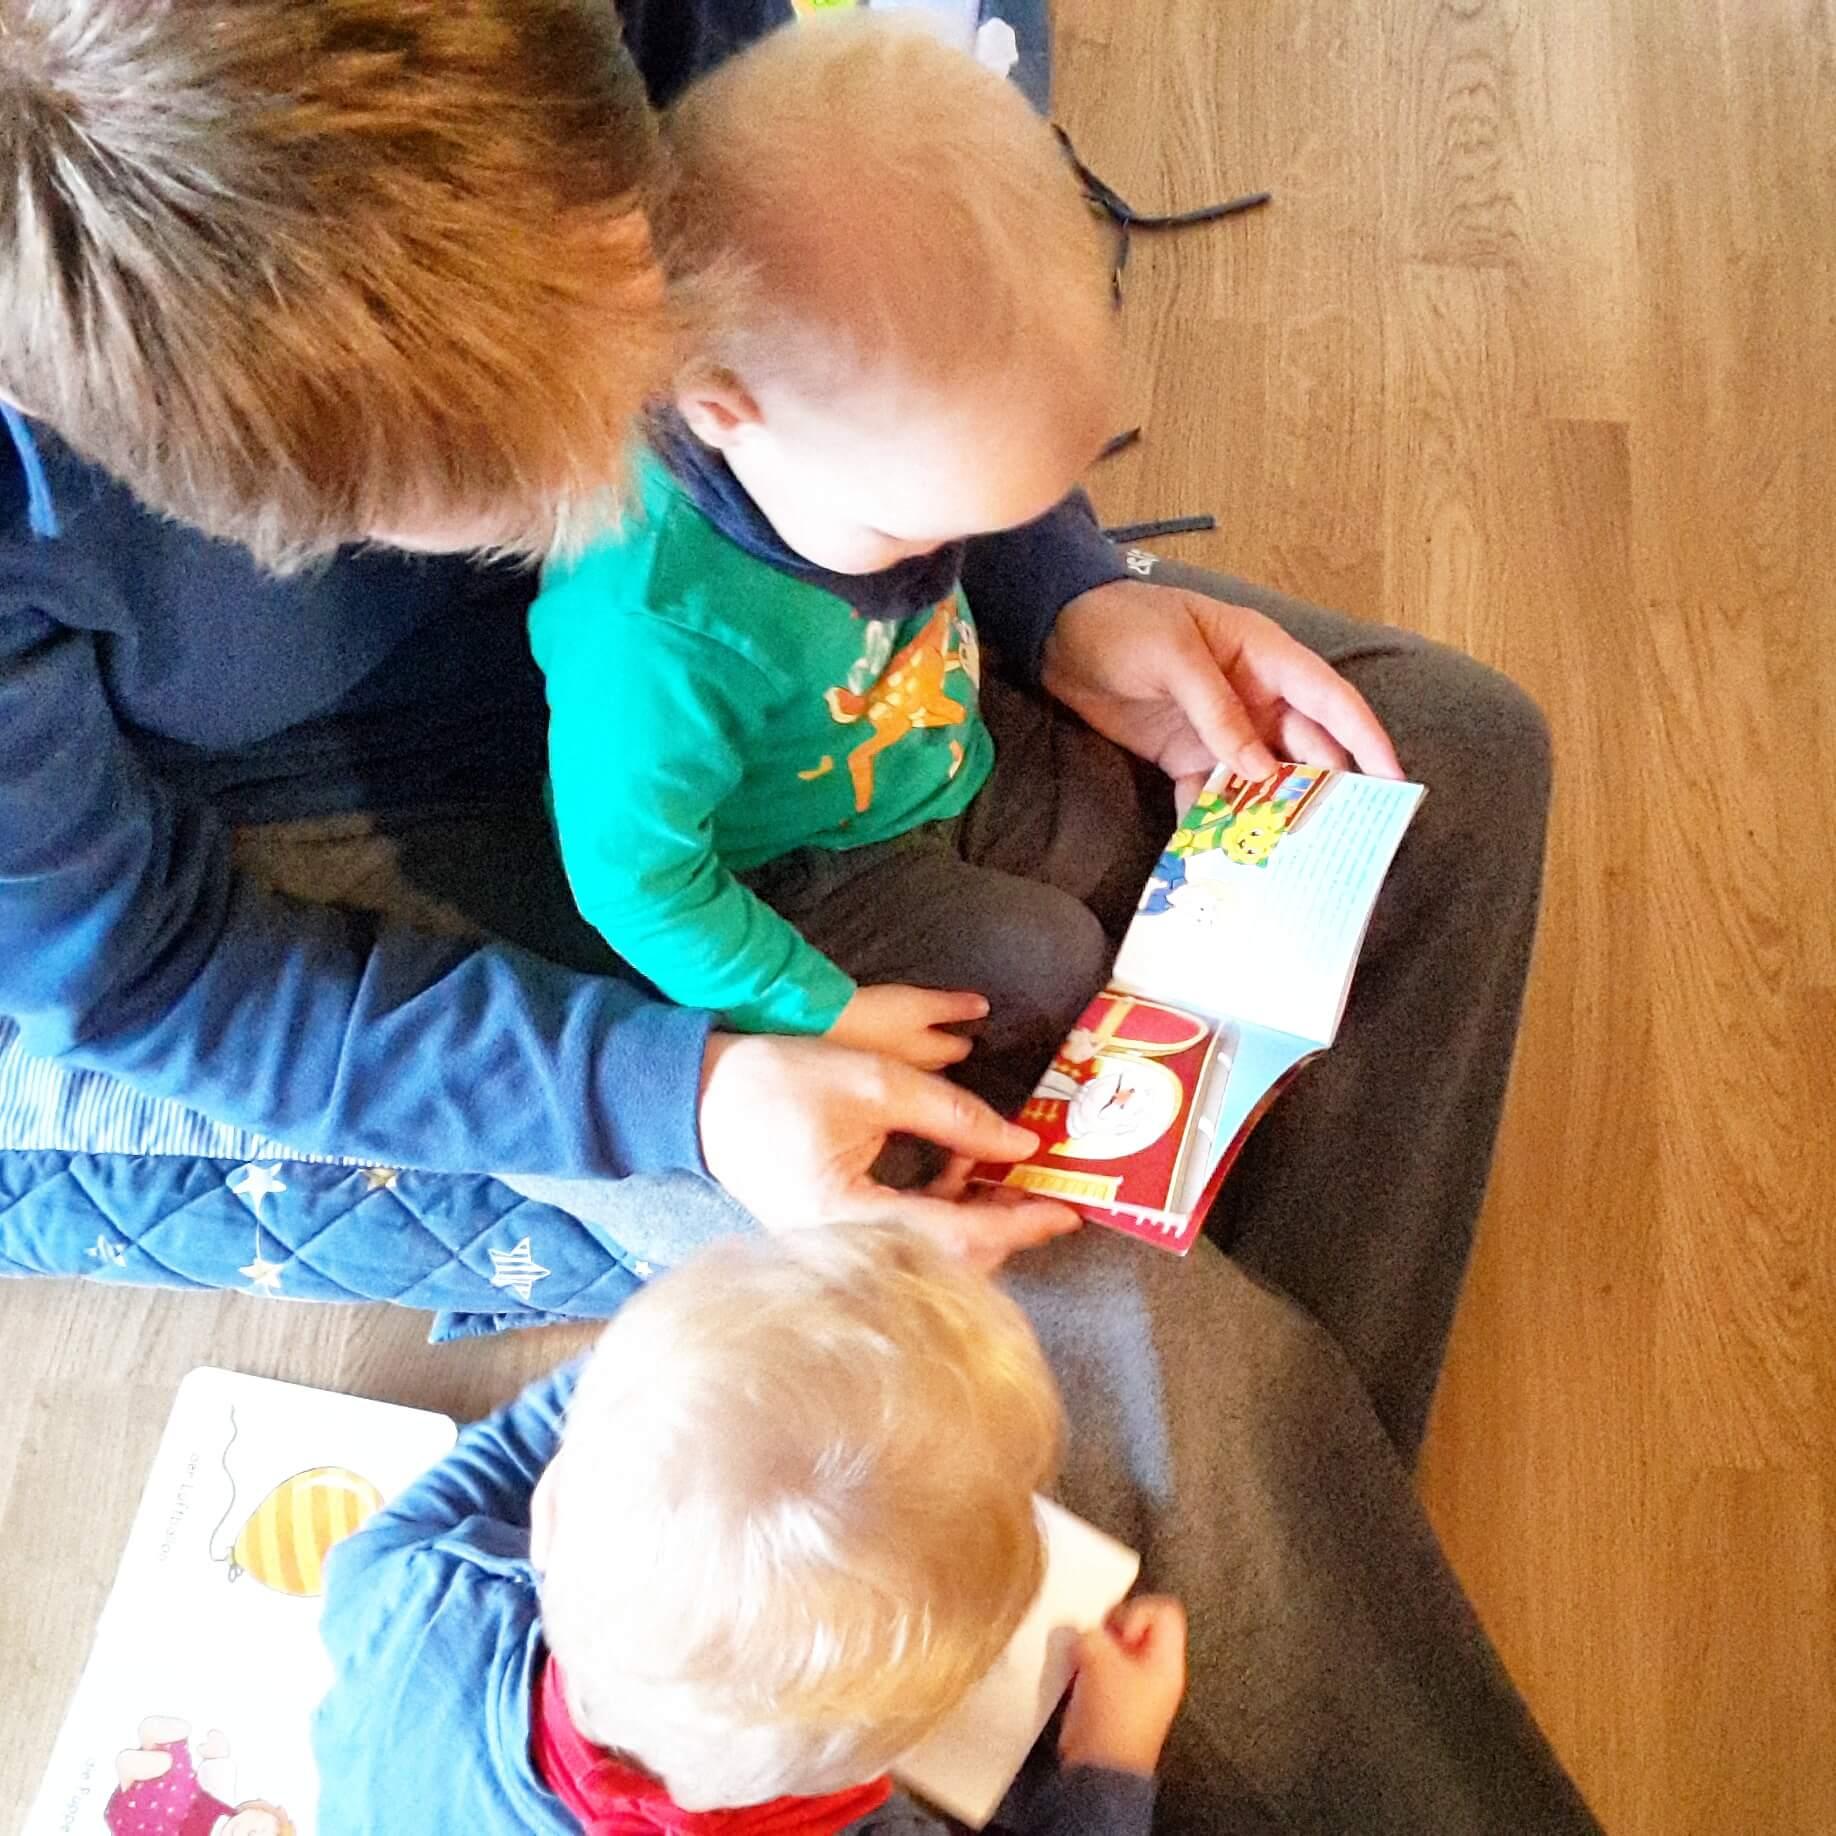 Wochenende in Bildern - Familienblog - Zwillinge